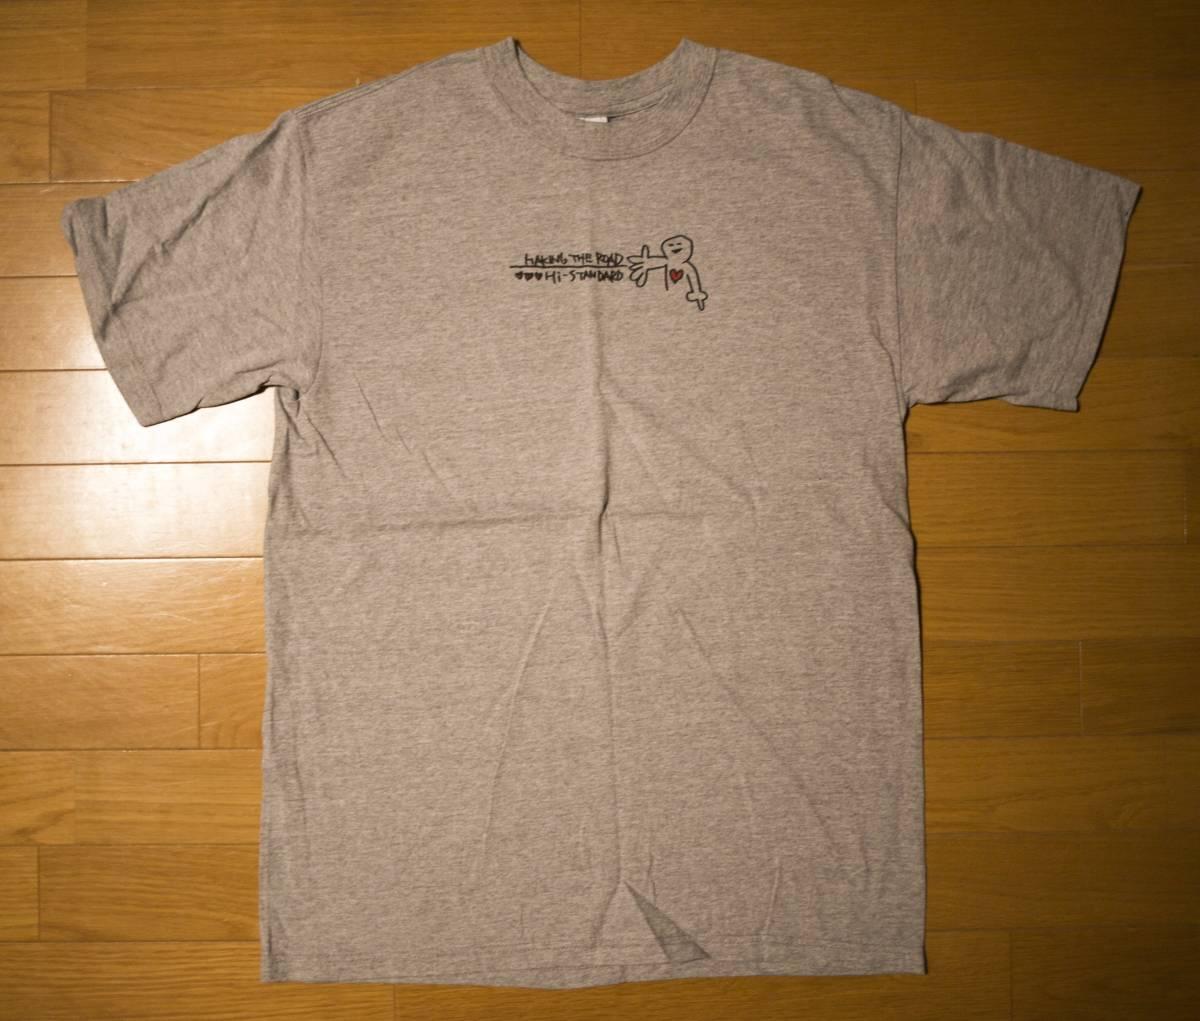 Hi-STANDARD ハイスタンダード MAKING THE ROAD Tシャツ Lサイズ 90年代 未使用 ライブグッズの画像